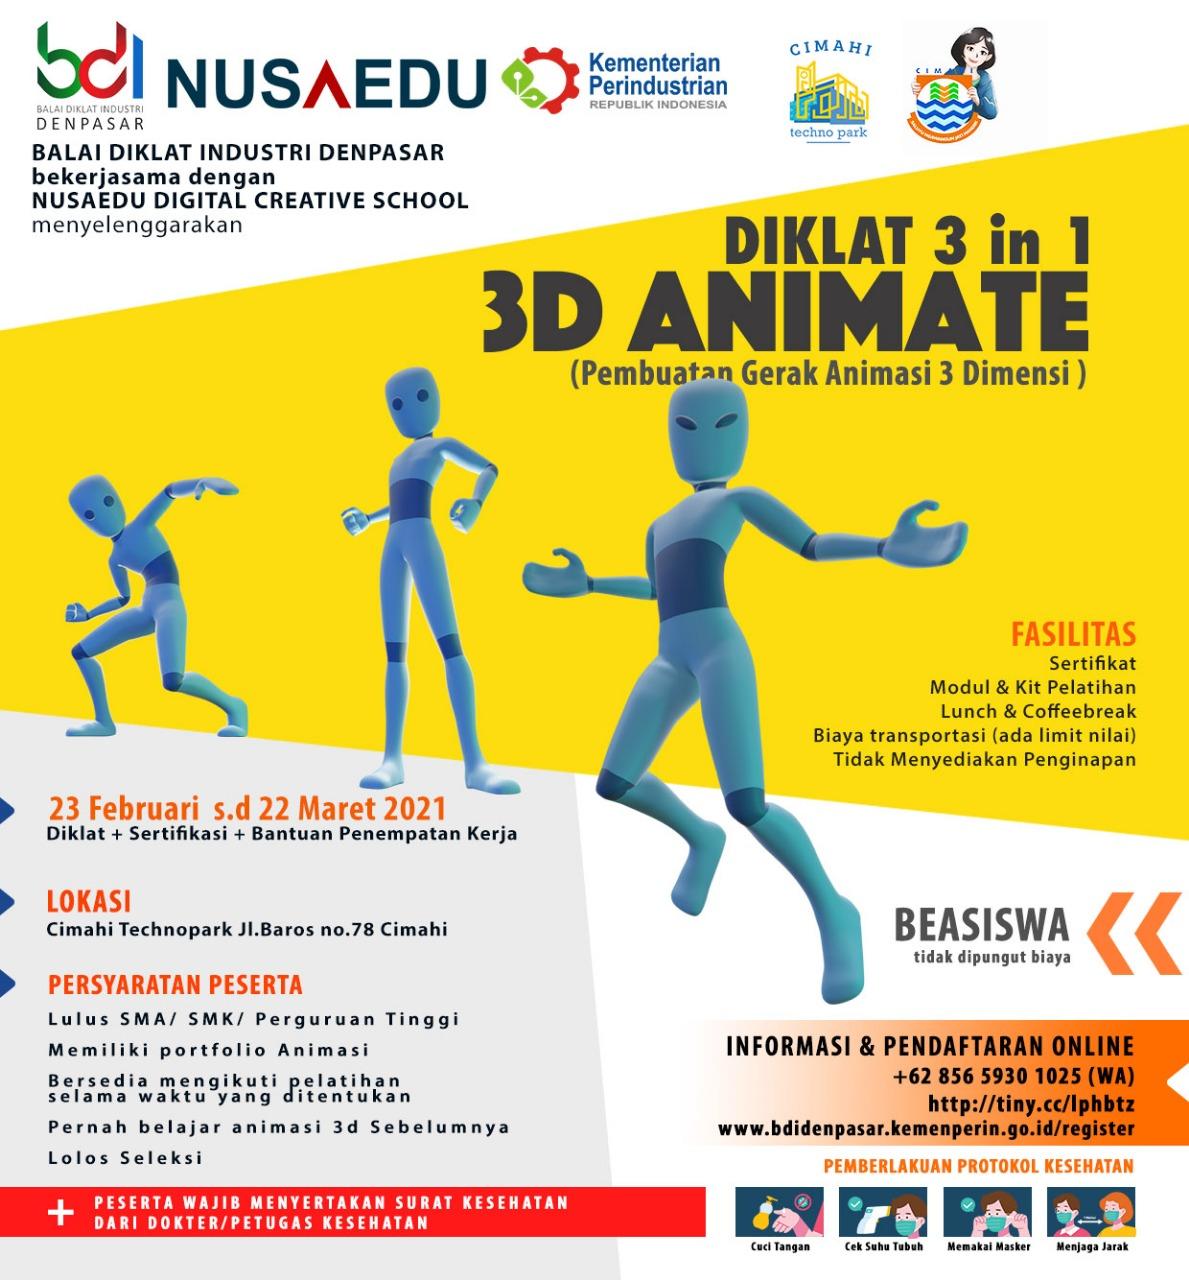 DIKLAT 3 in 1 3D Animate